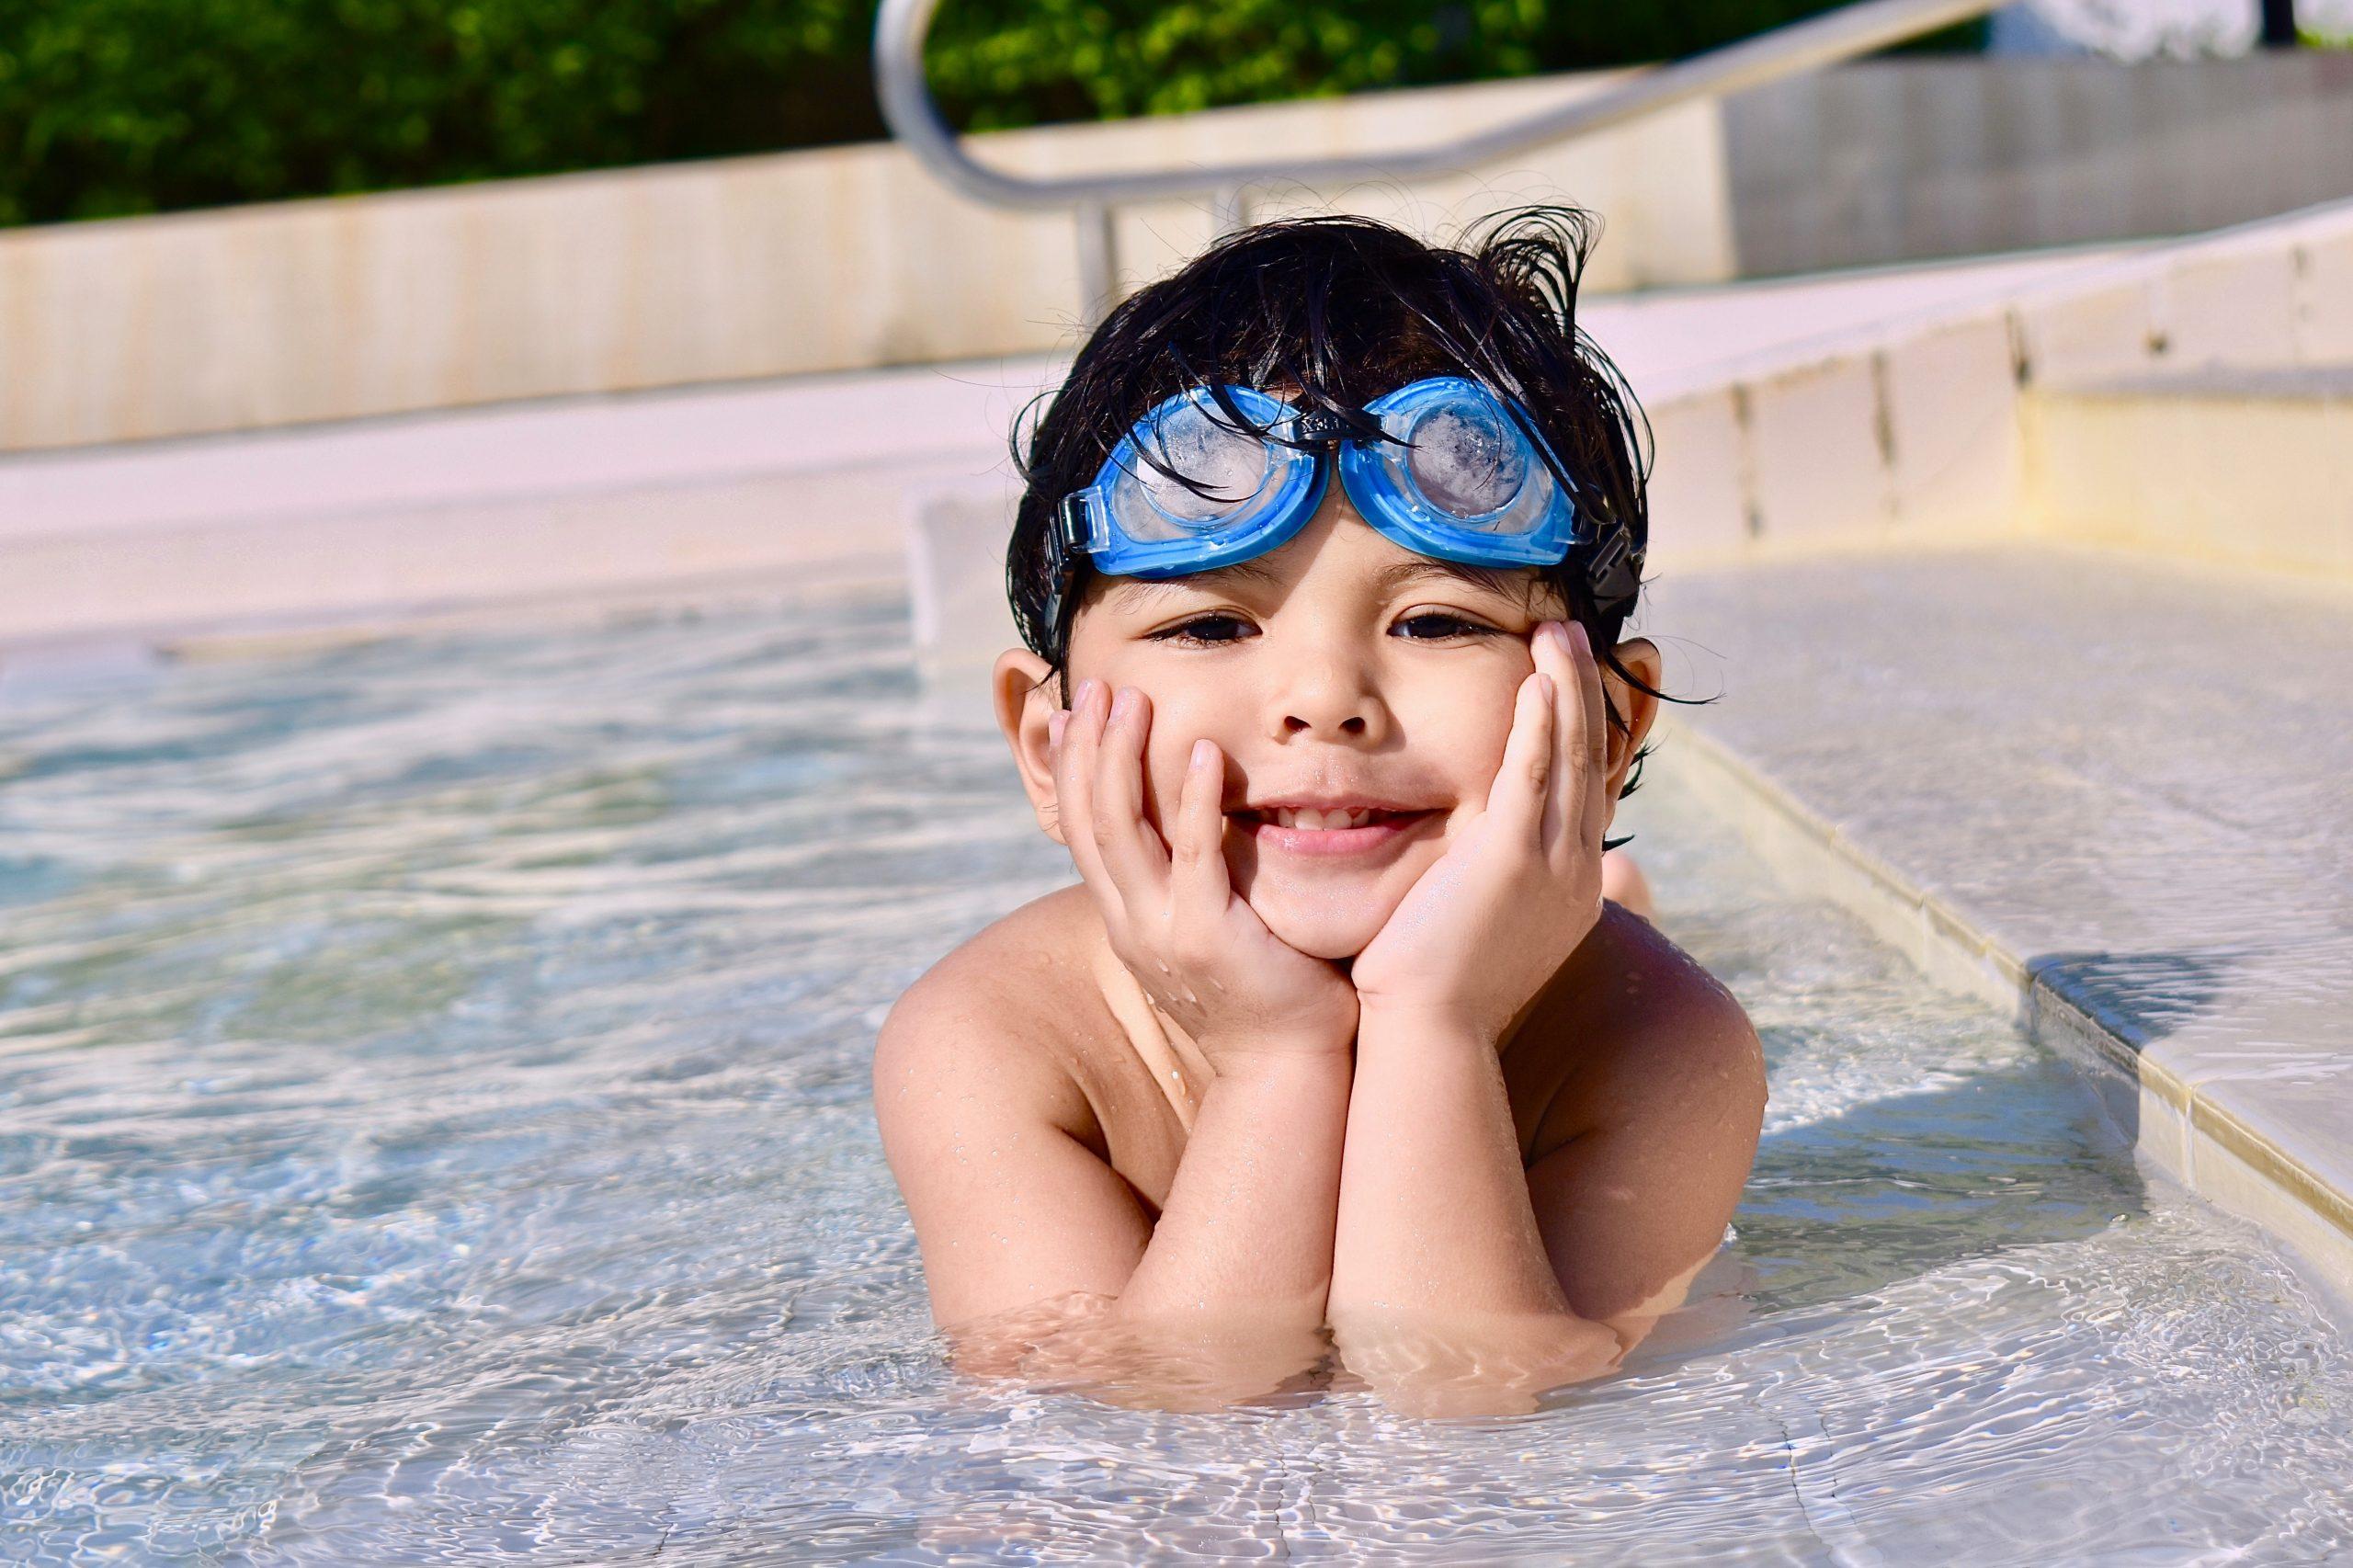 Imagem de uma criança utilizando óculos de natação.